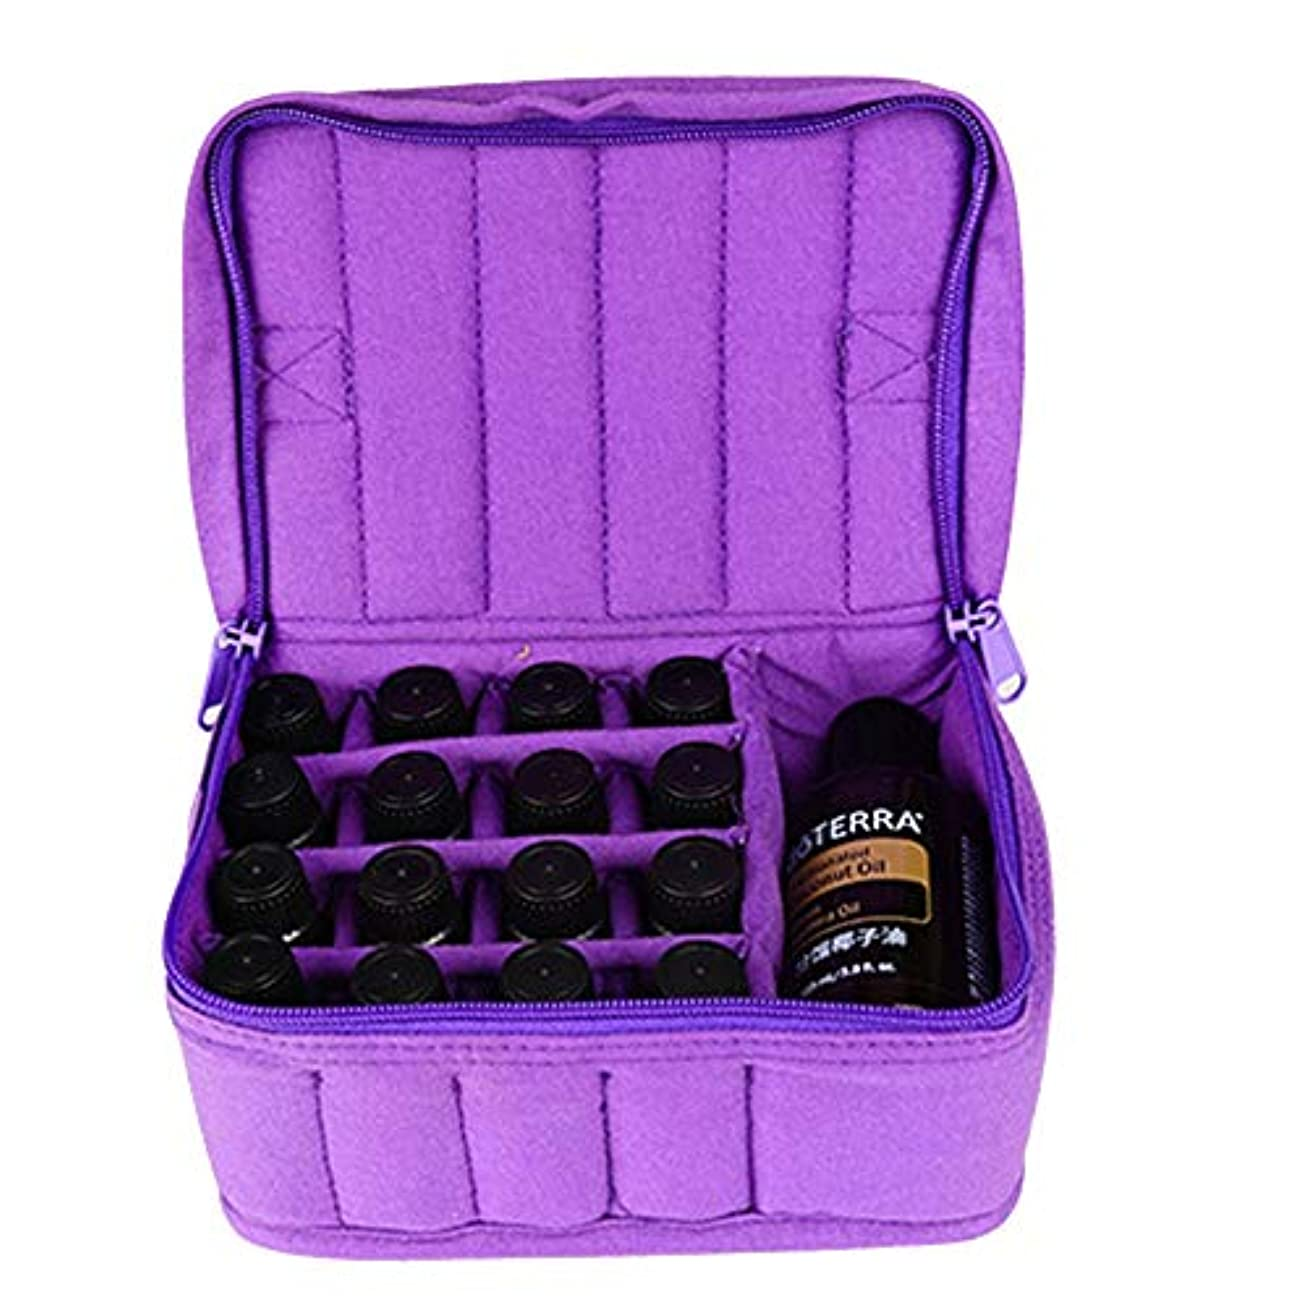 ぎこちないヘッドレス蒸留エッセンシャルオイルボックス ソフト走行ホルスター17オイル貯蔵ボトル用ボトル17 5ミリリットル/ 10ミリリットル元/ 15ミリリットル アロマセラピー収納ボックス (色 : 紫の, サイズ : 17X14X7.5CM)